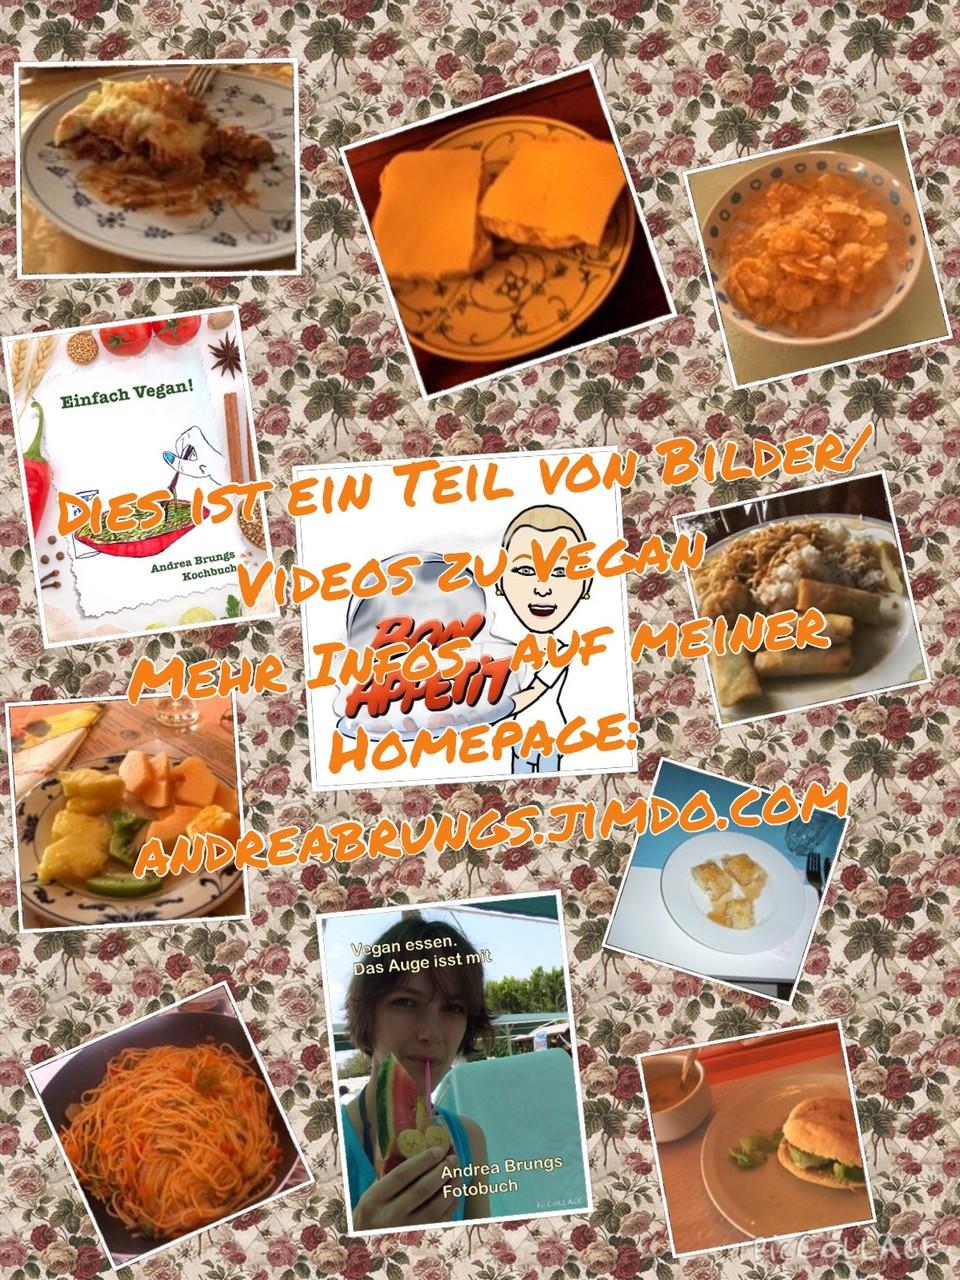 Bilder/Videos zu Vegan  Hier gibt es einiges aus meine Büchern Einfach Vegan! und Vegan essen. Das Auge isst mit zu sehen